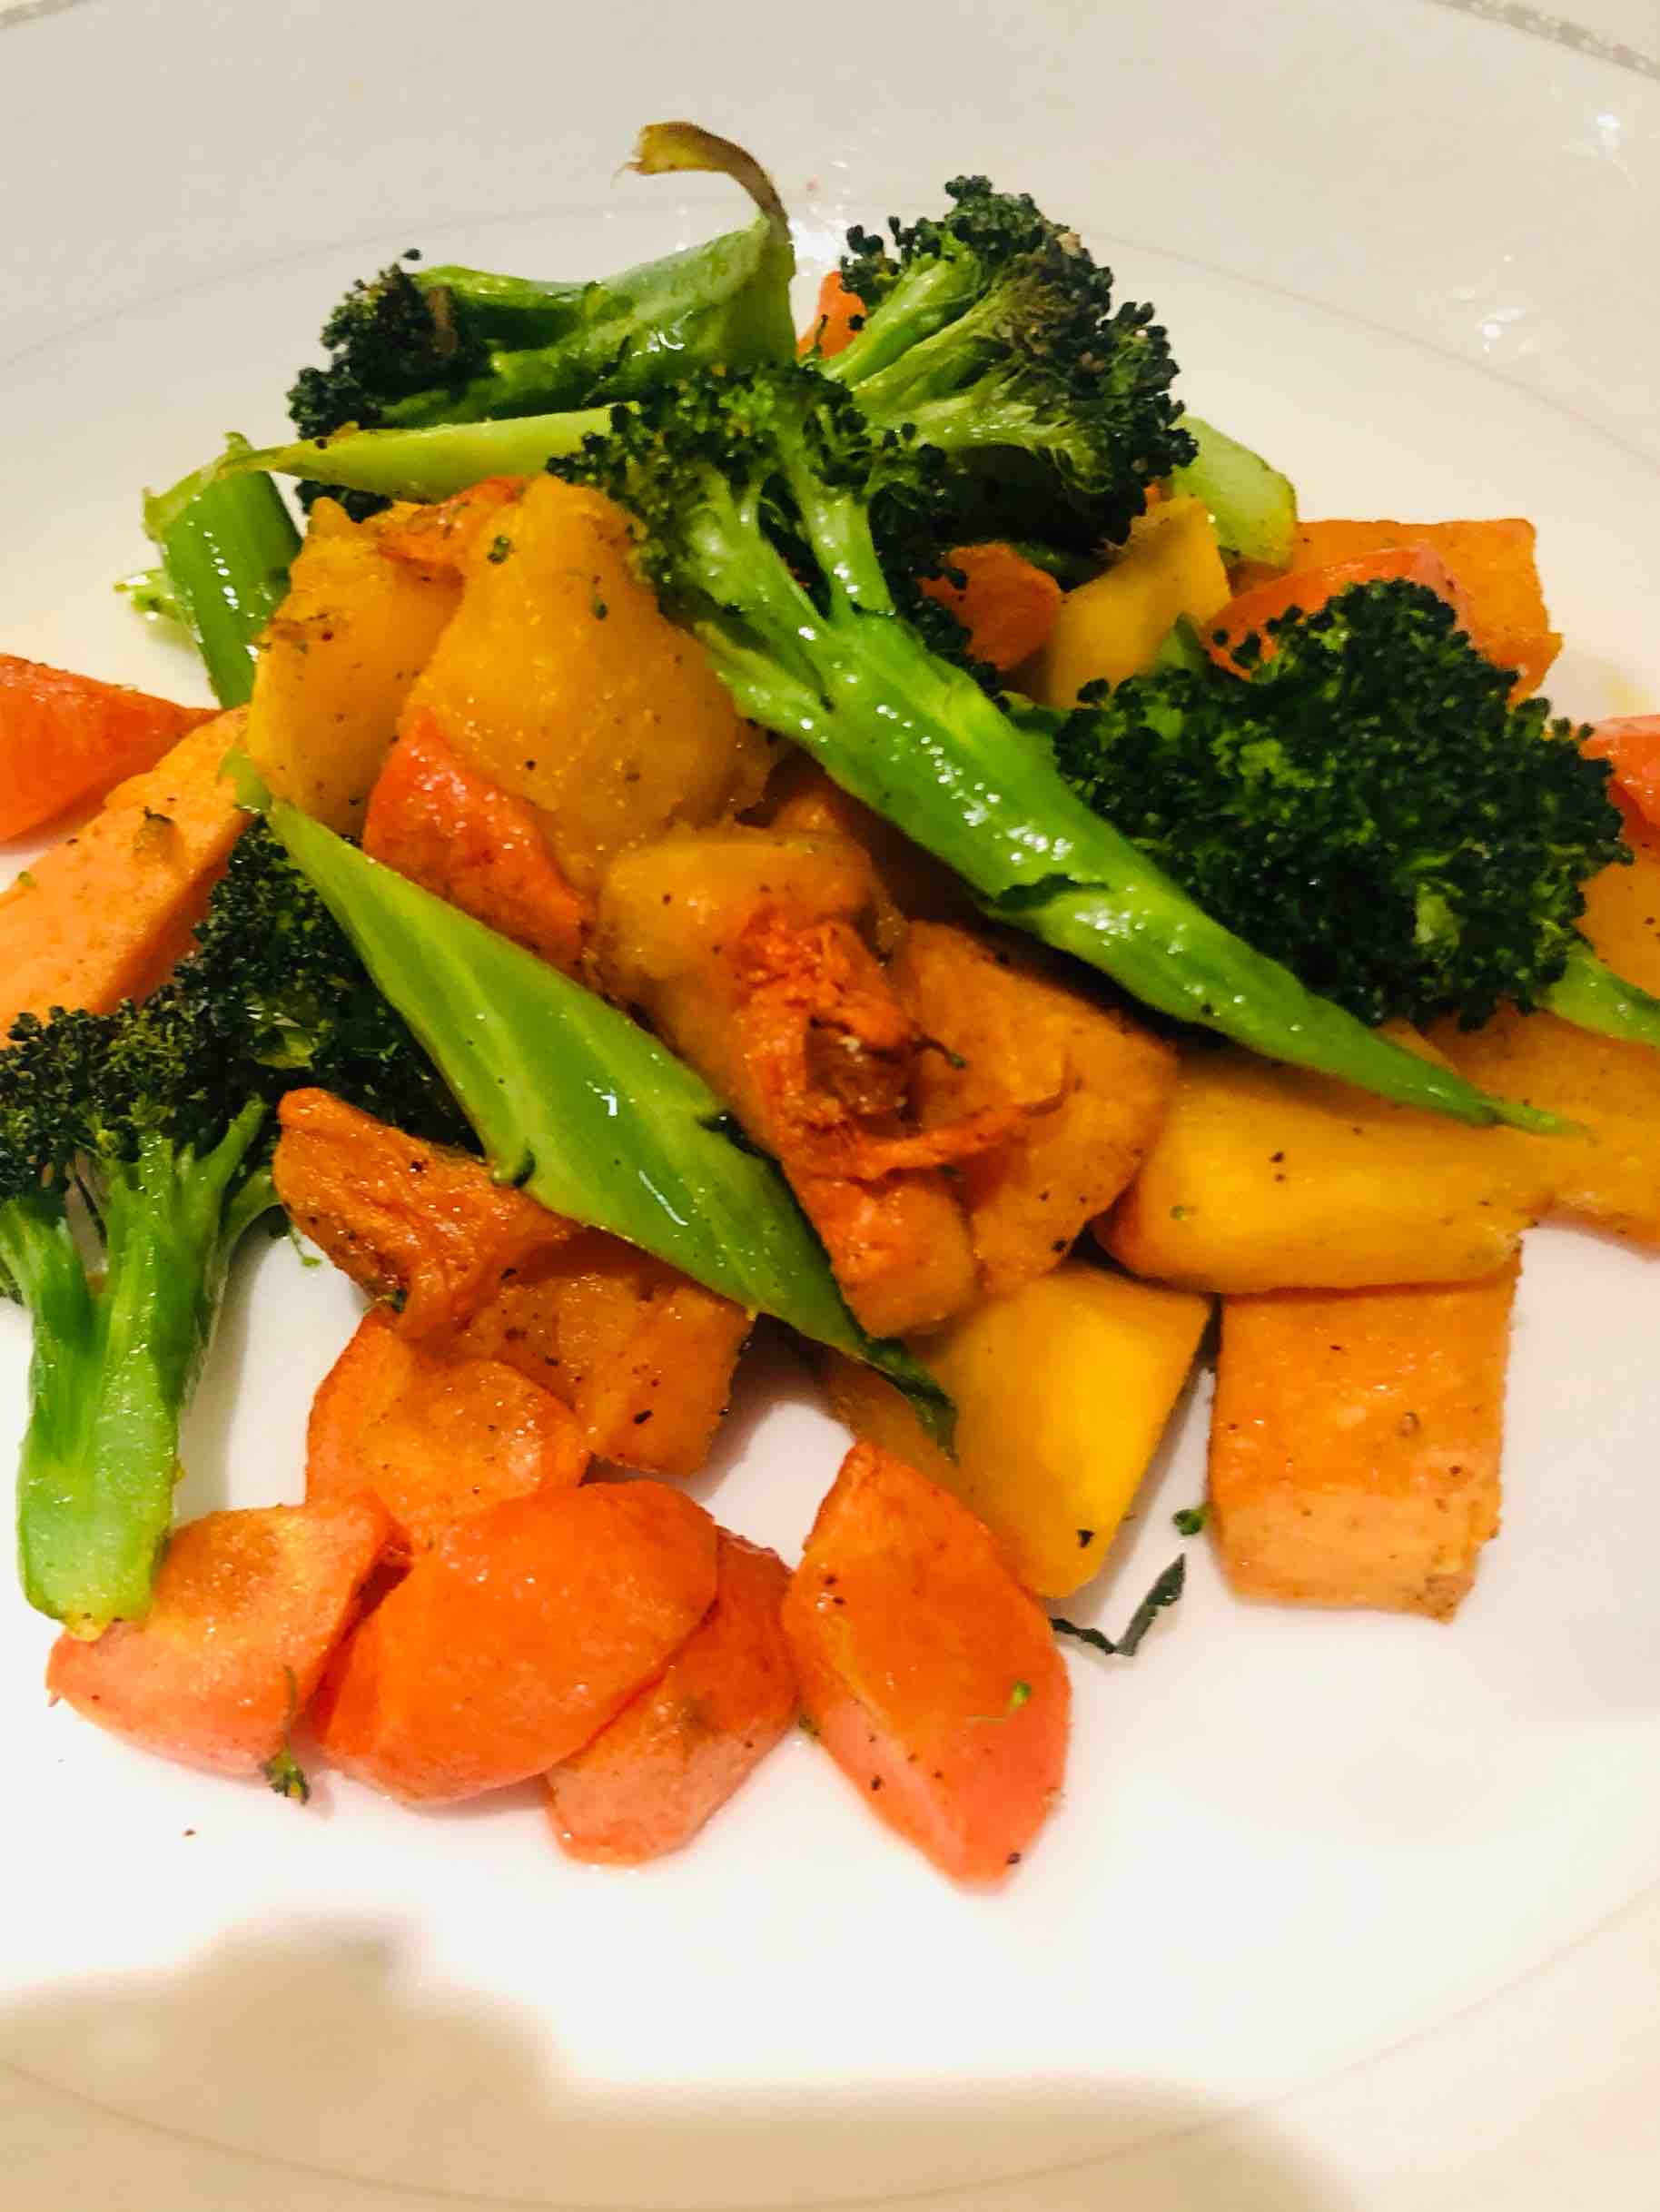 简单美味又健康的烤蔬菜